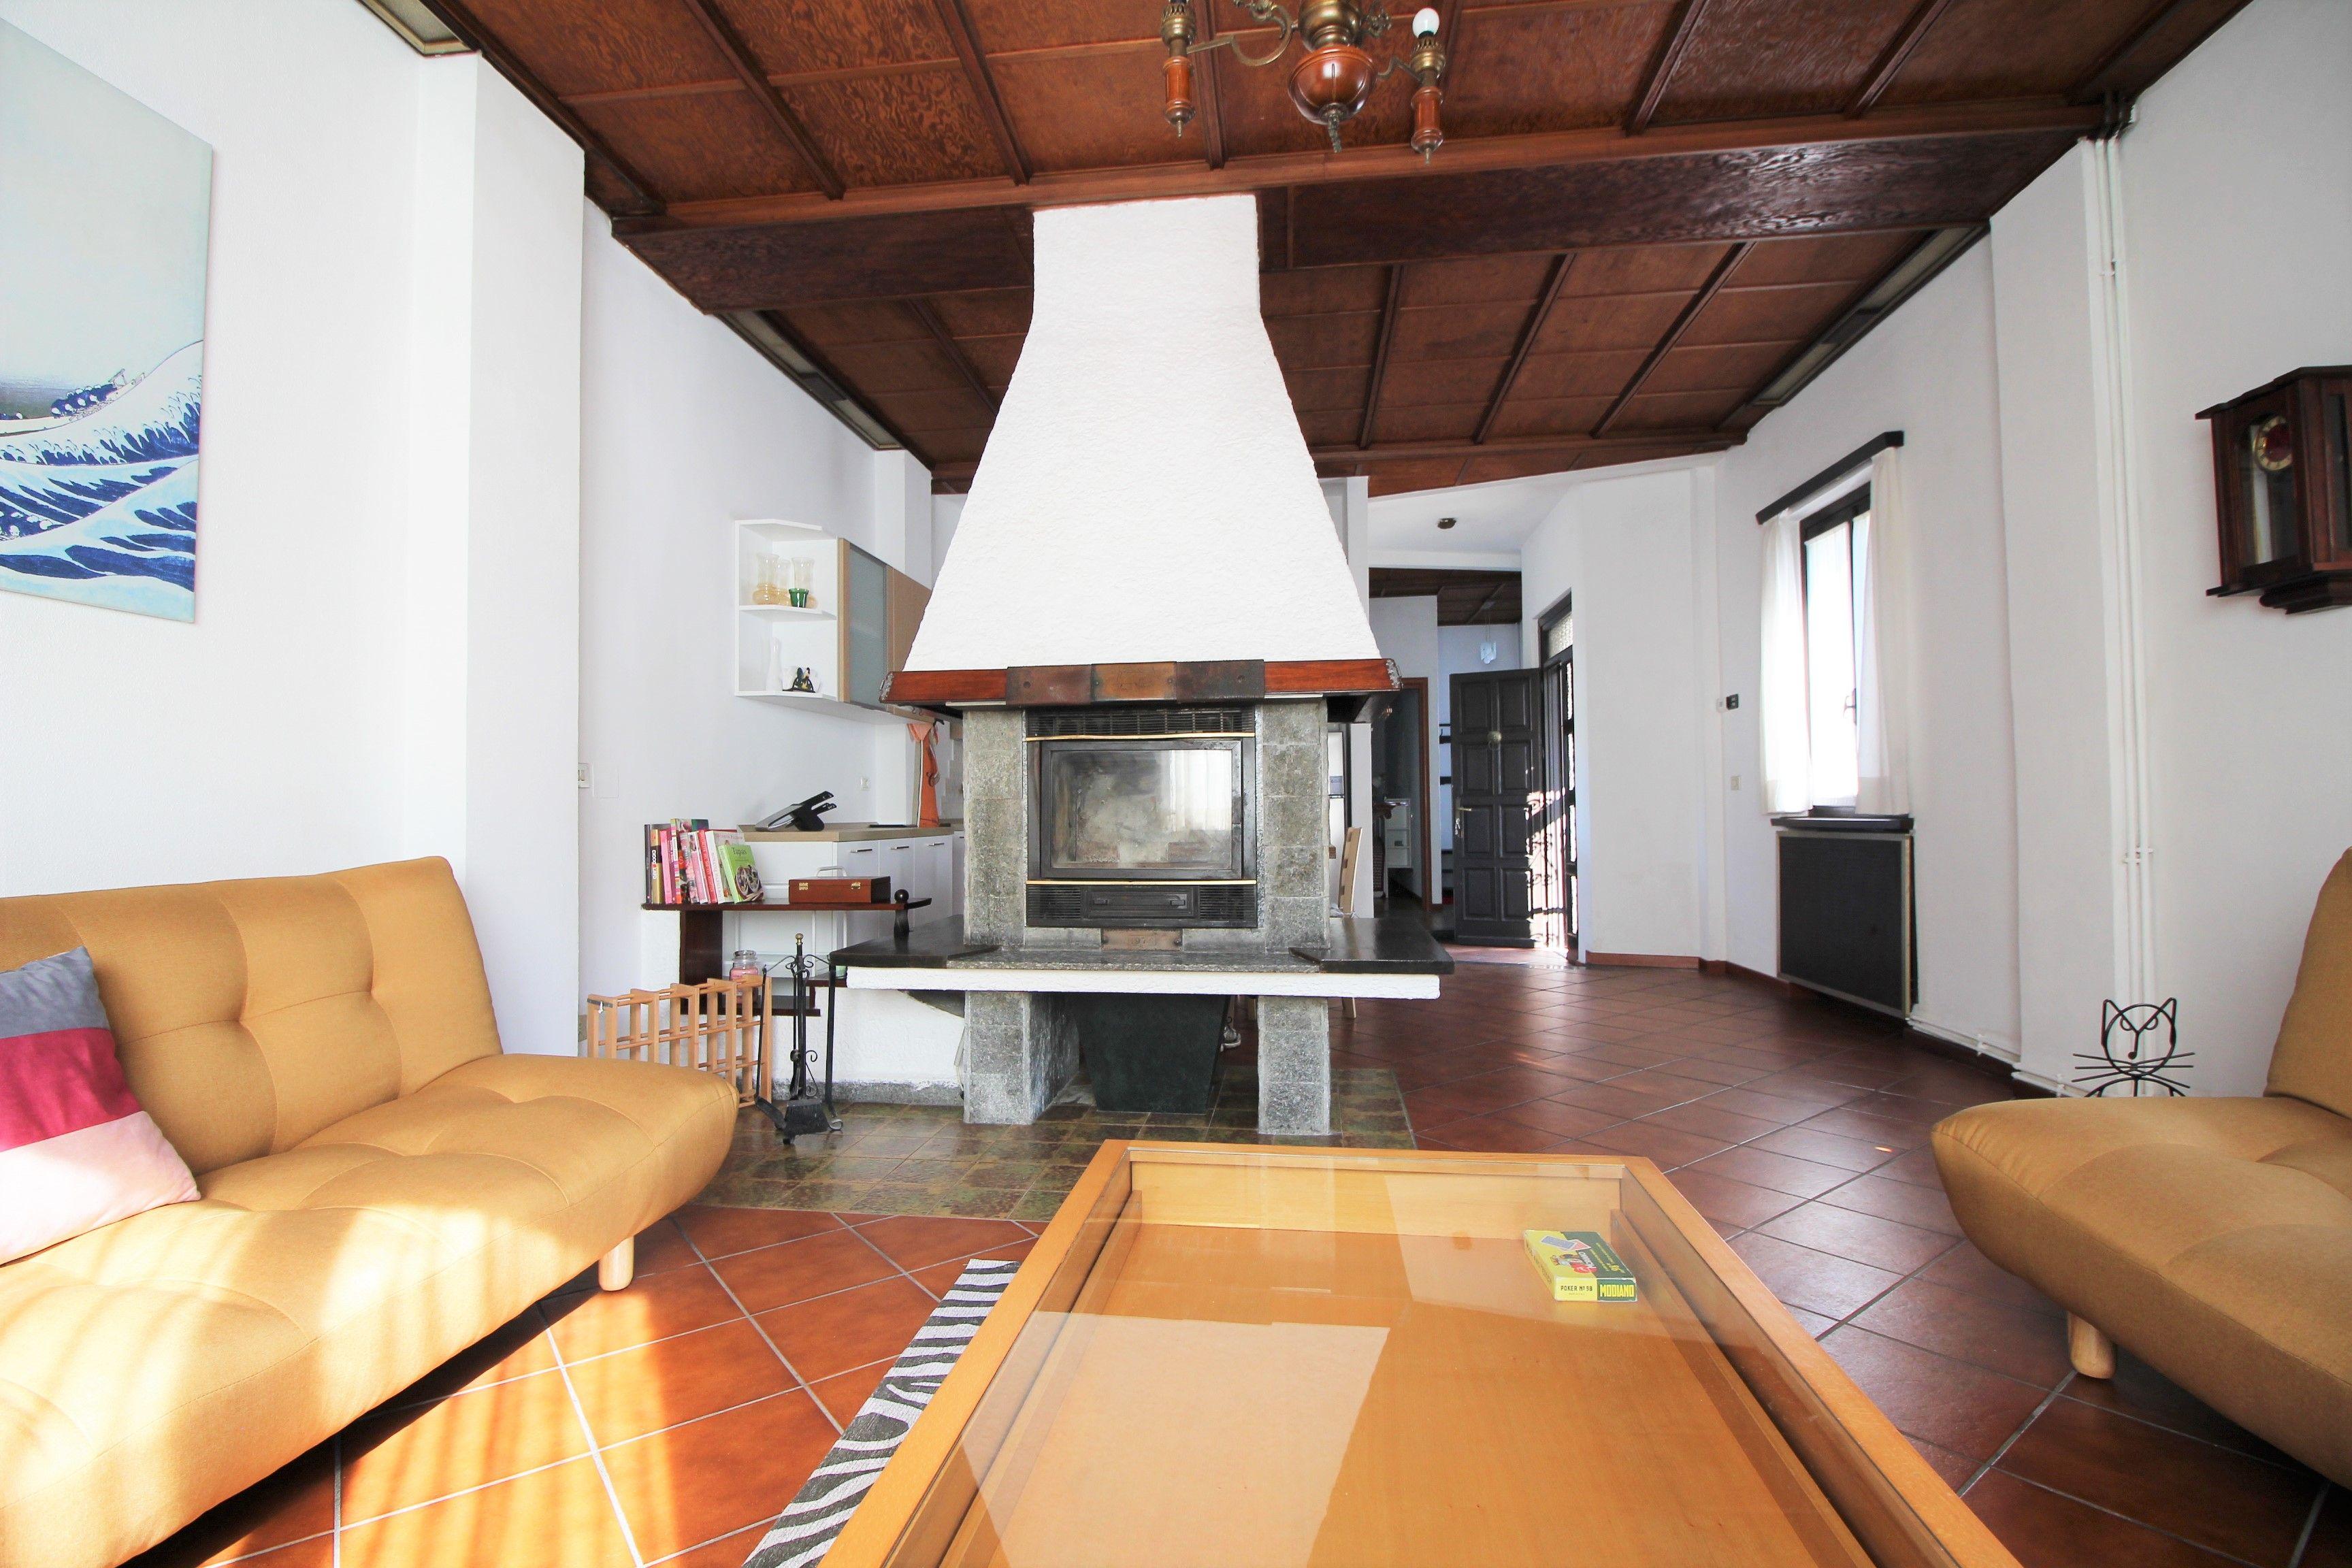 Villa Bifamiliare in affitto a Arona, 2 locali, prezzo € 700 | CambioCasa.it